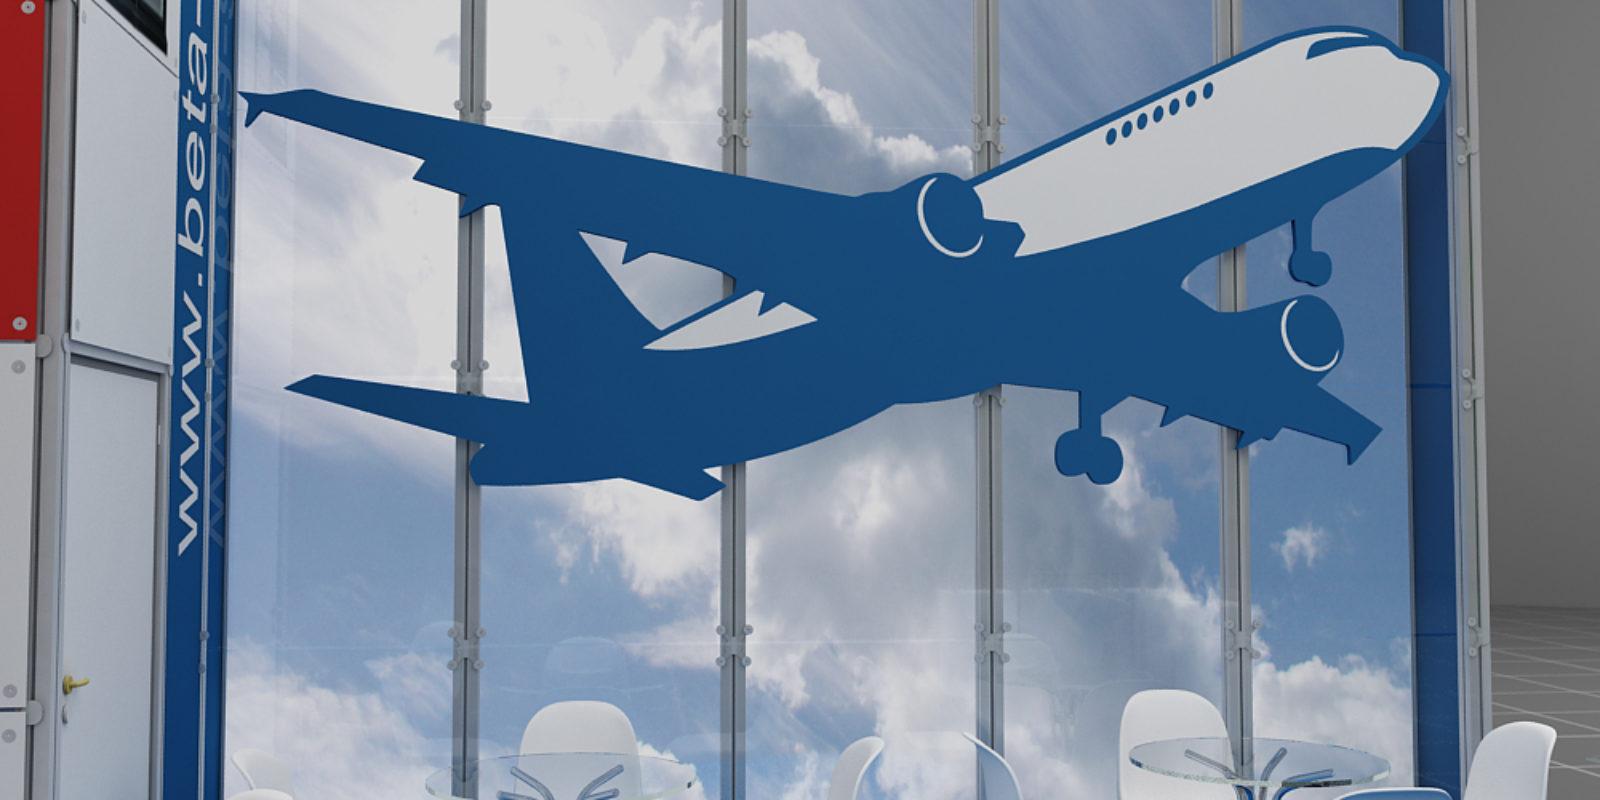 Дизайн проект выставочного стенда компании Beta Air (Бета Айр)